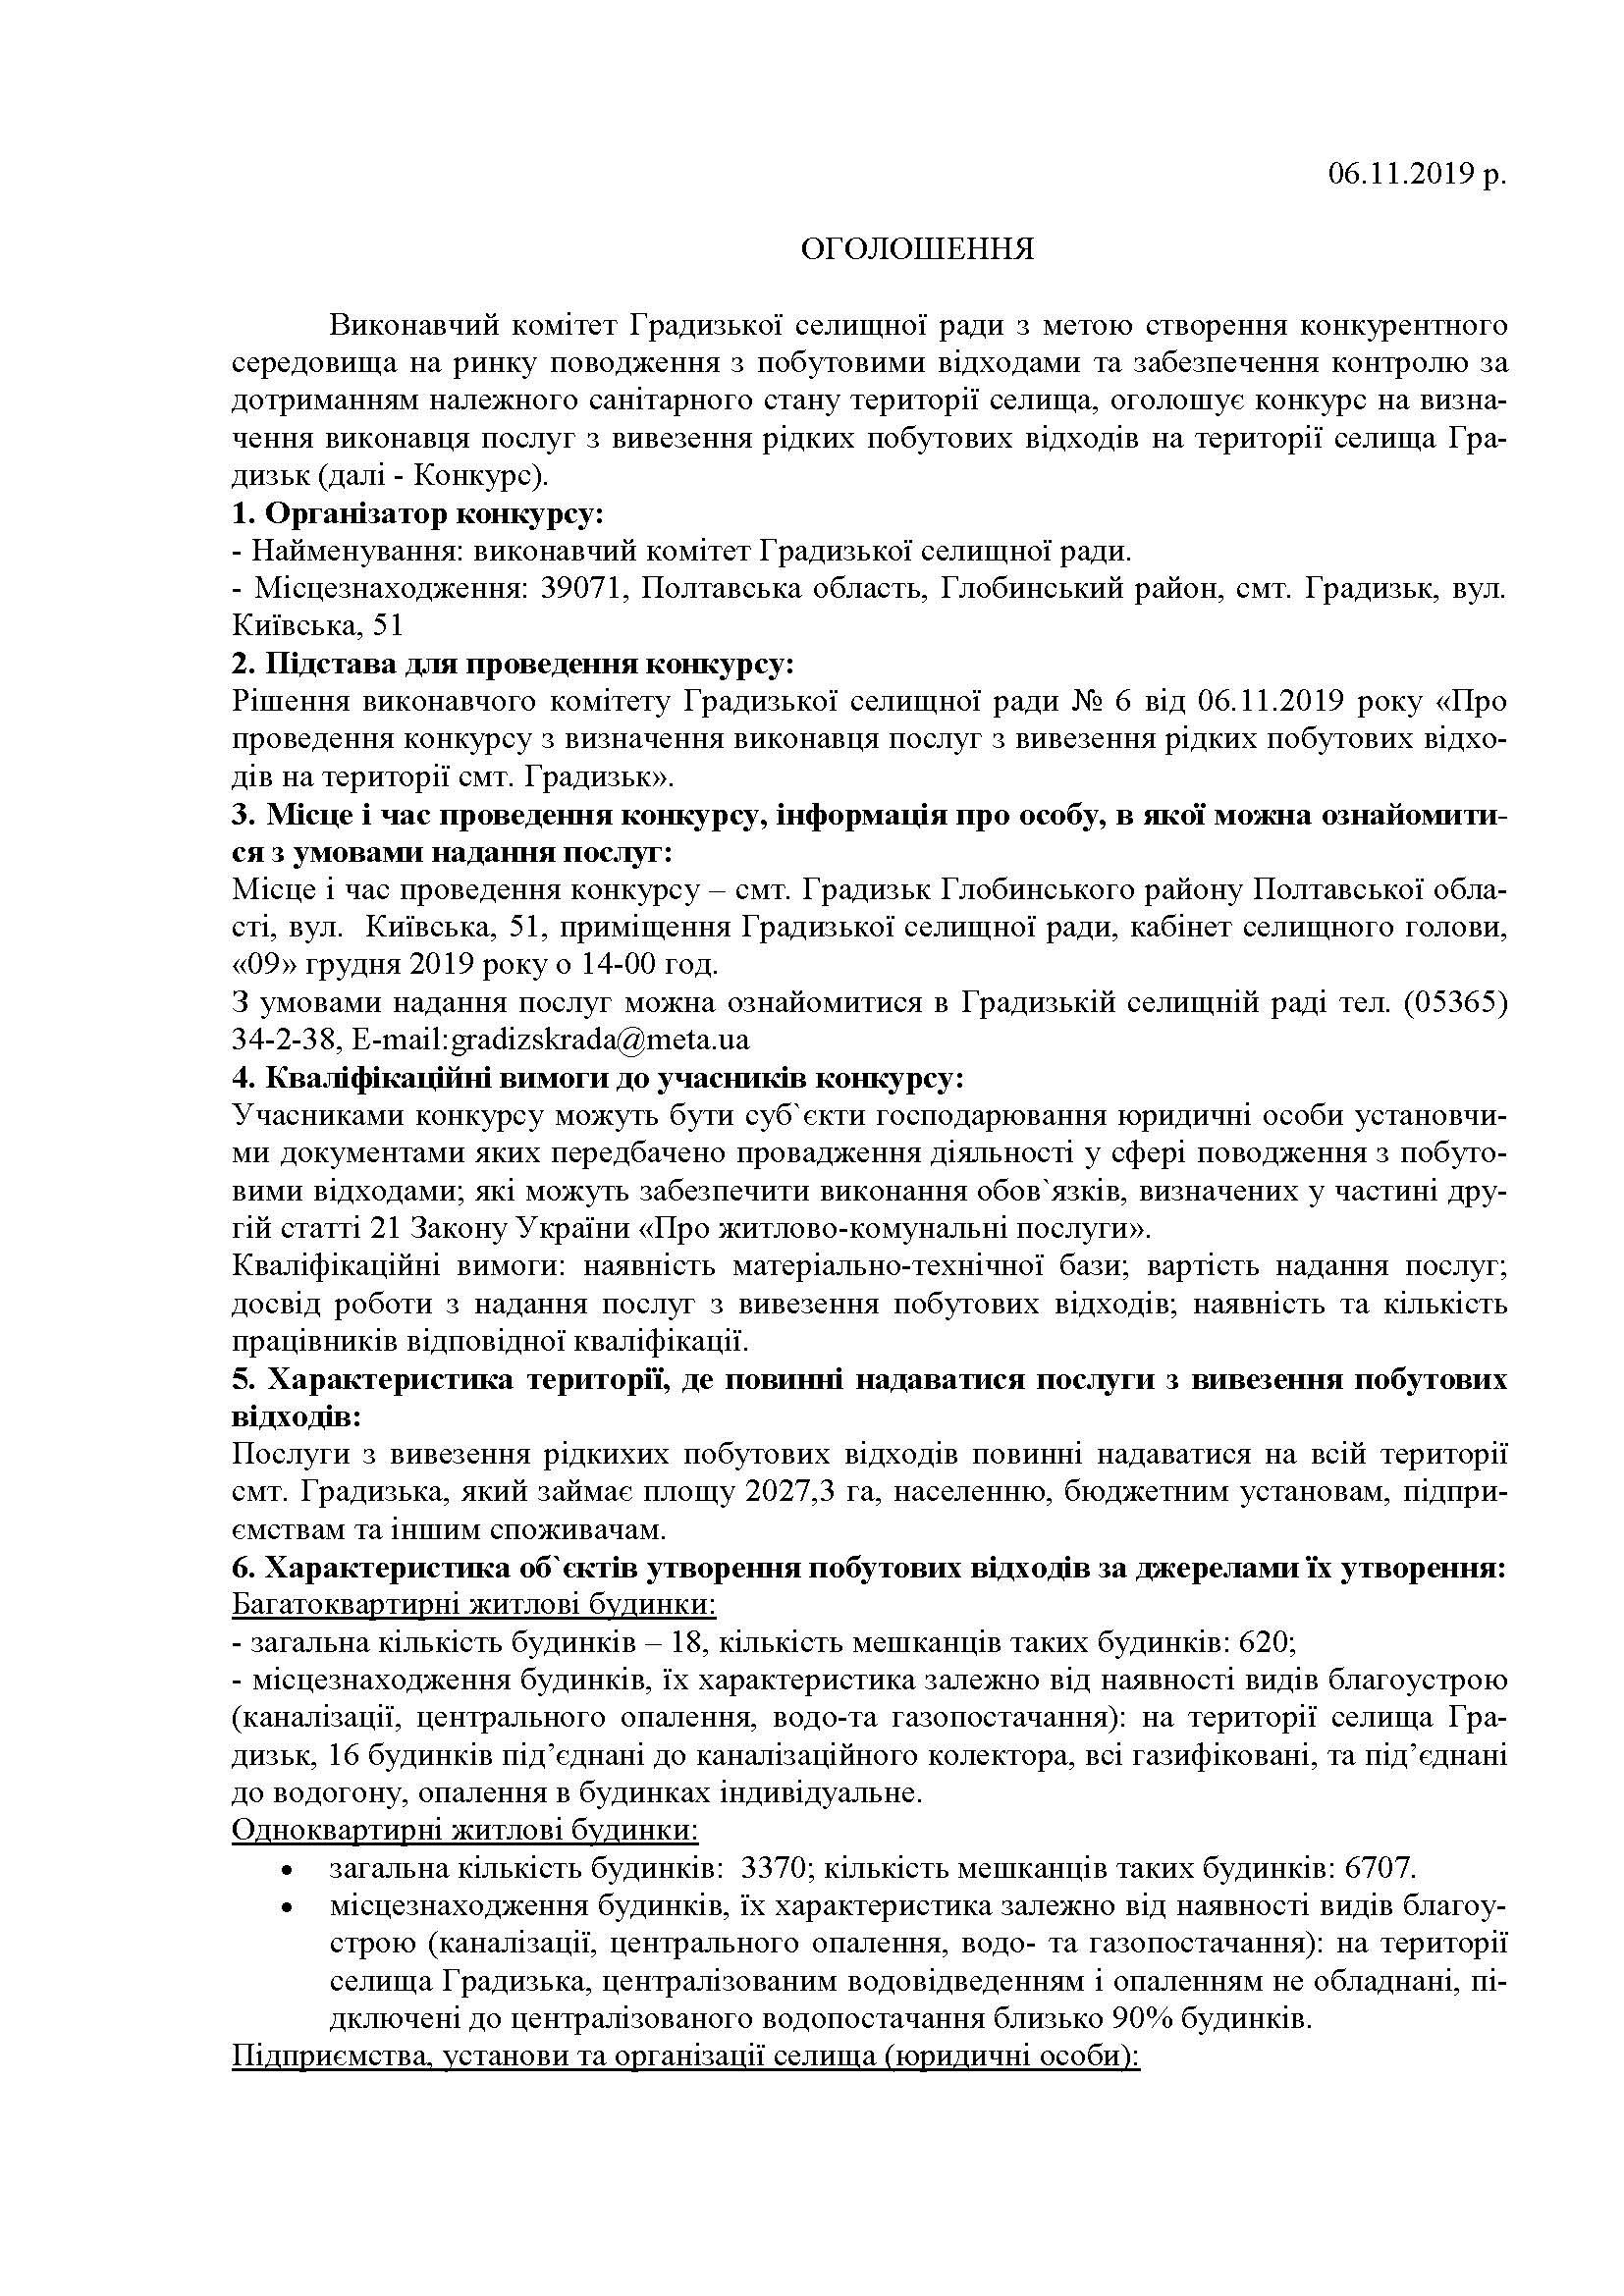 оголошення_Страница_1